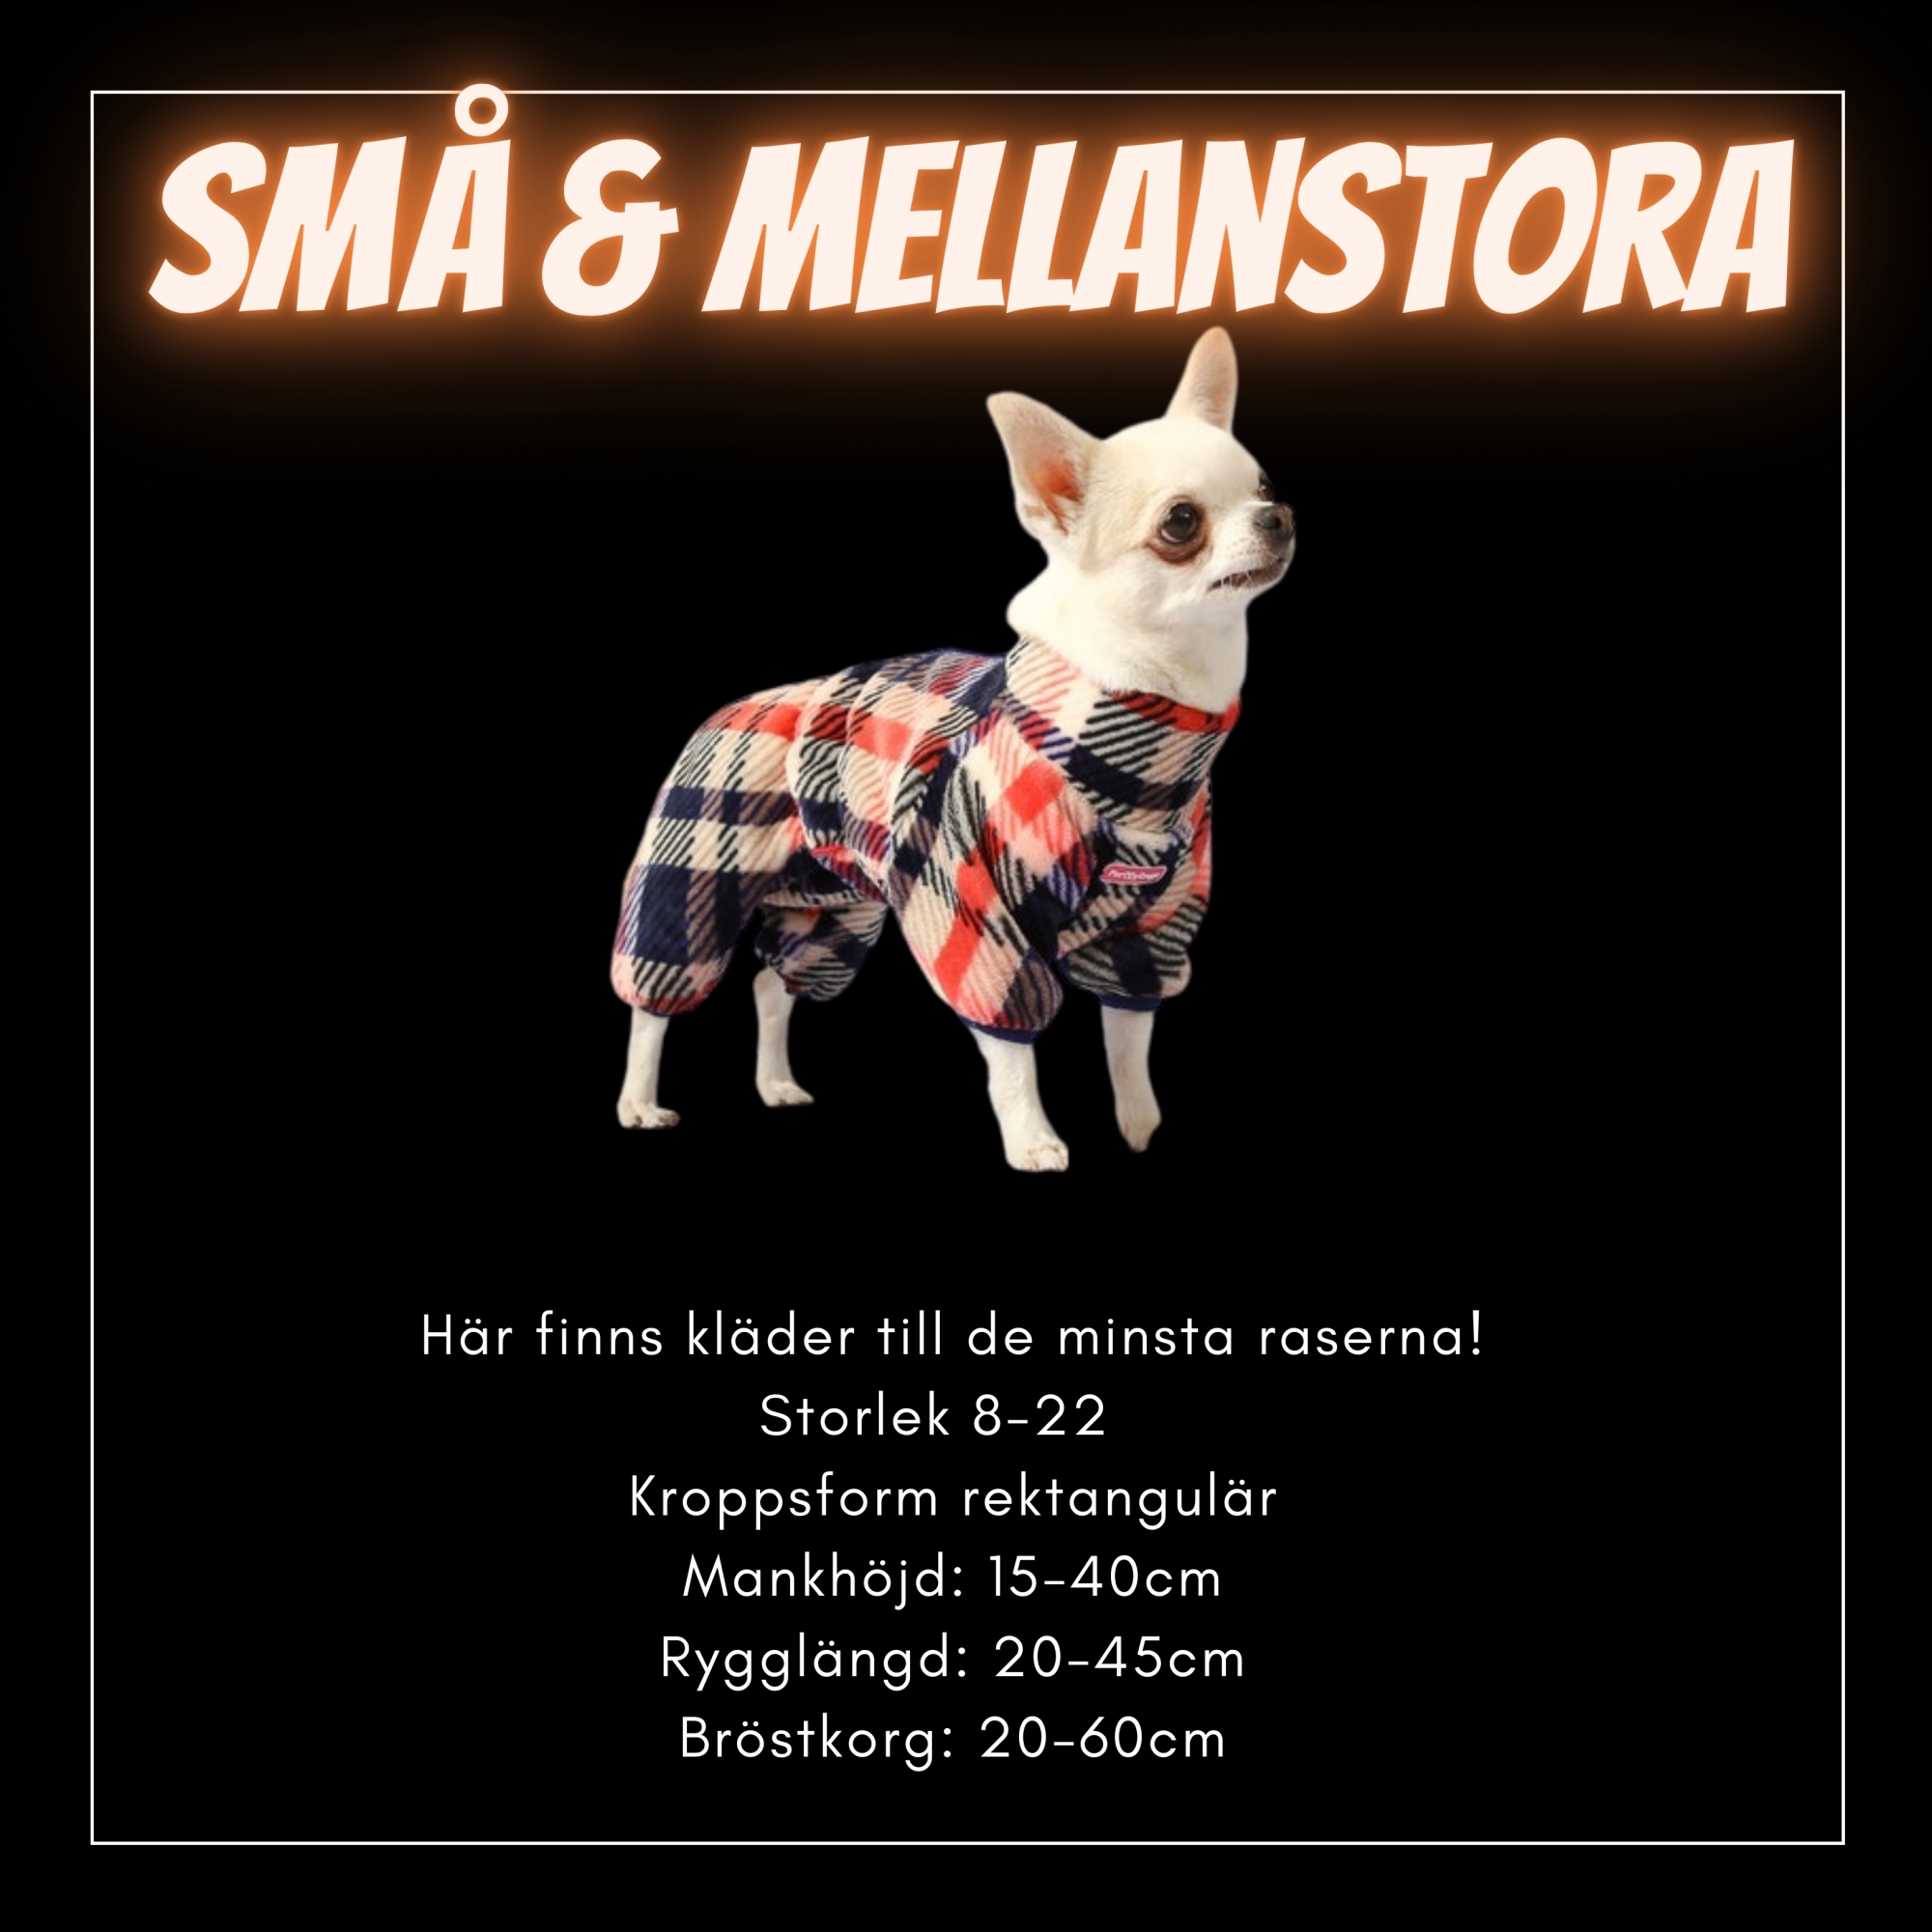 För små och Mellanstora hundar - Passion For Pet Fashion